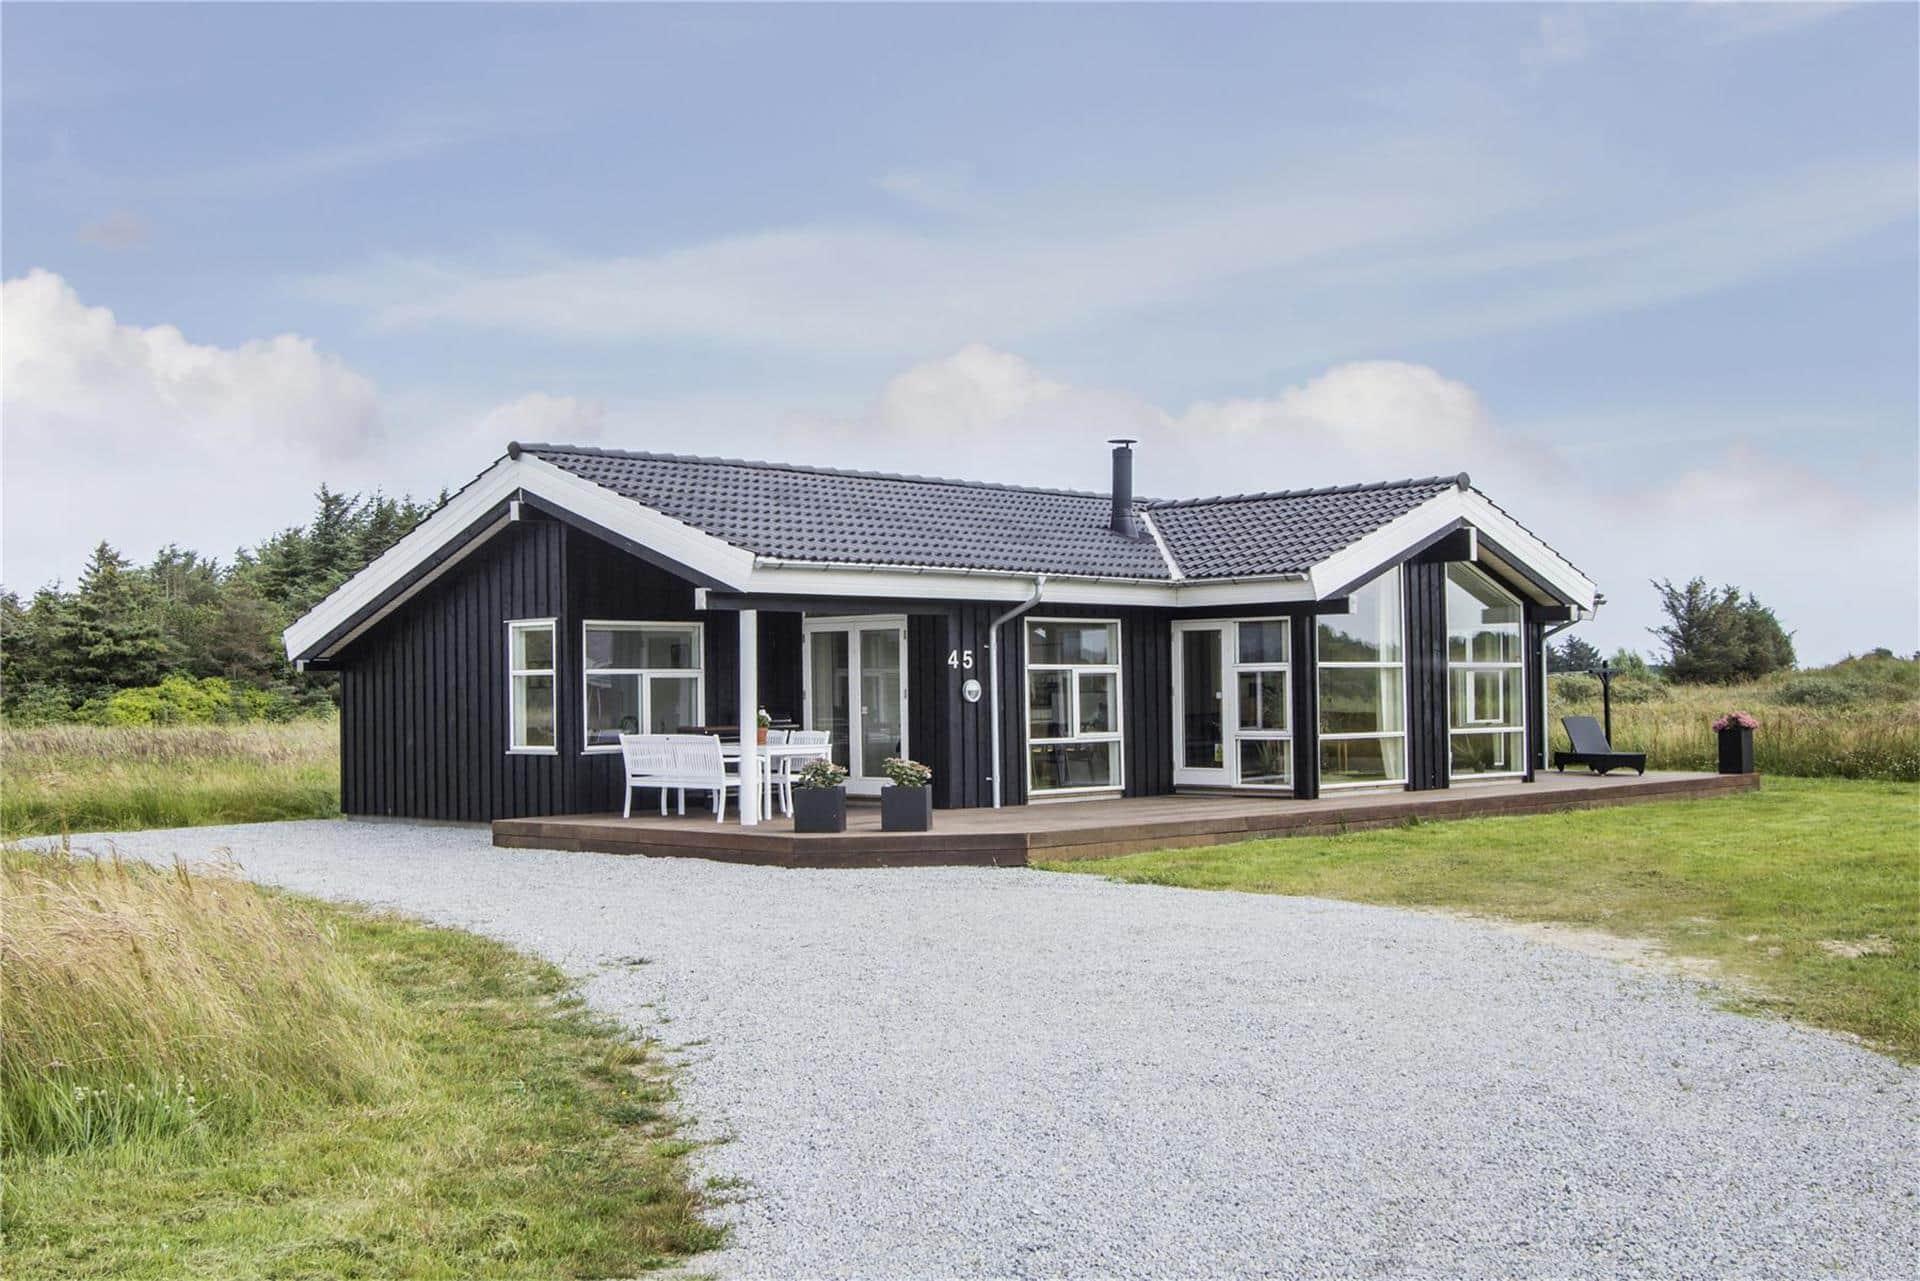 Bild 1-14 Ferienhaus 593, Klitageren 45, DK - 9850 Hirtshals